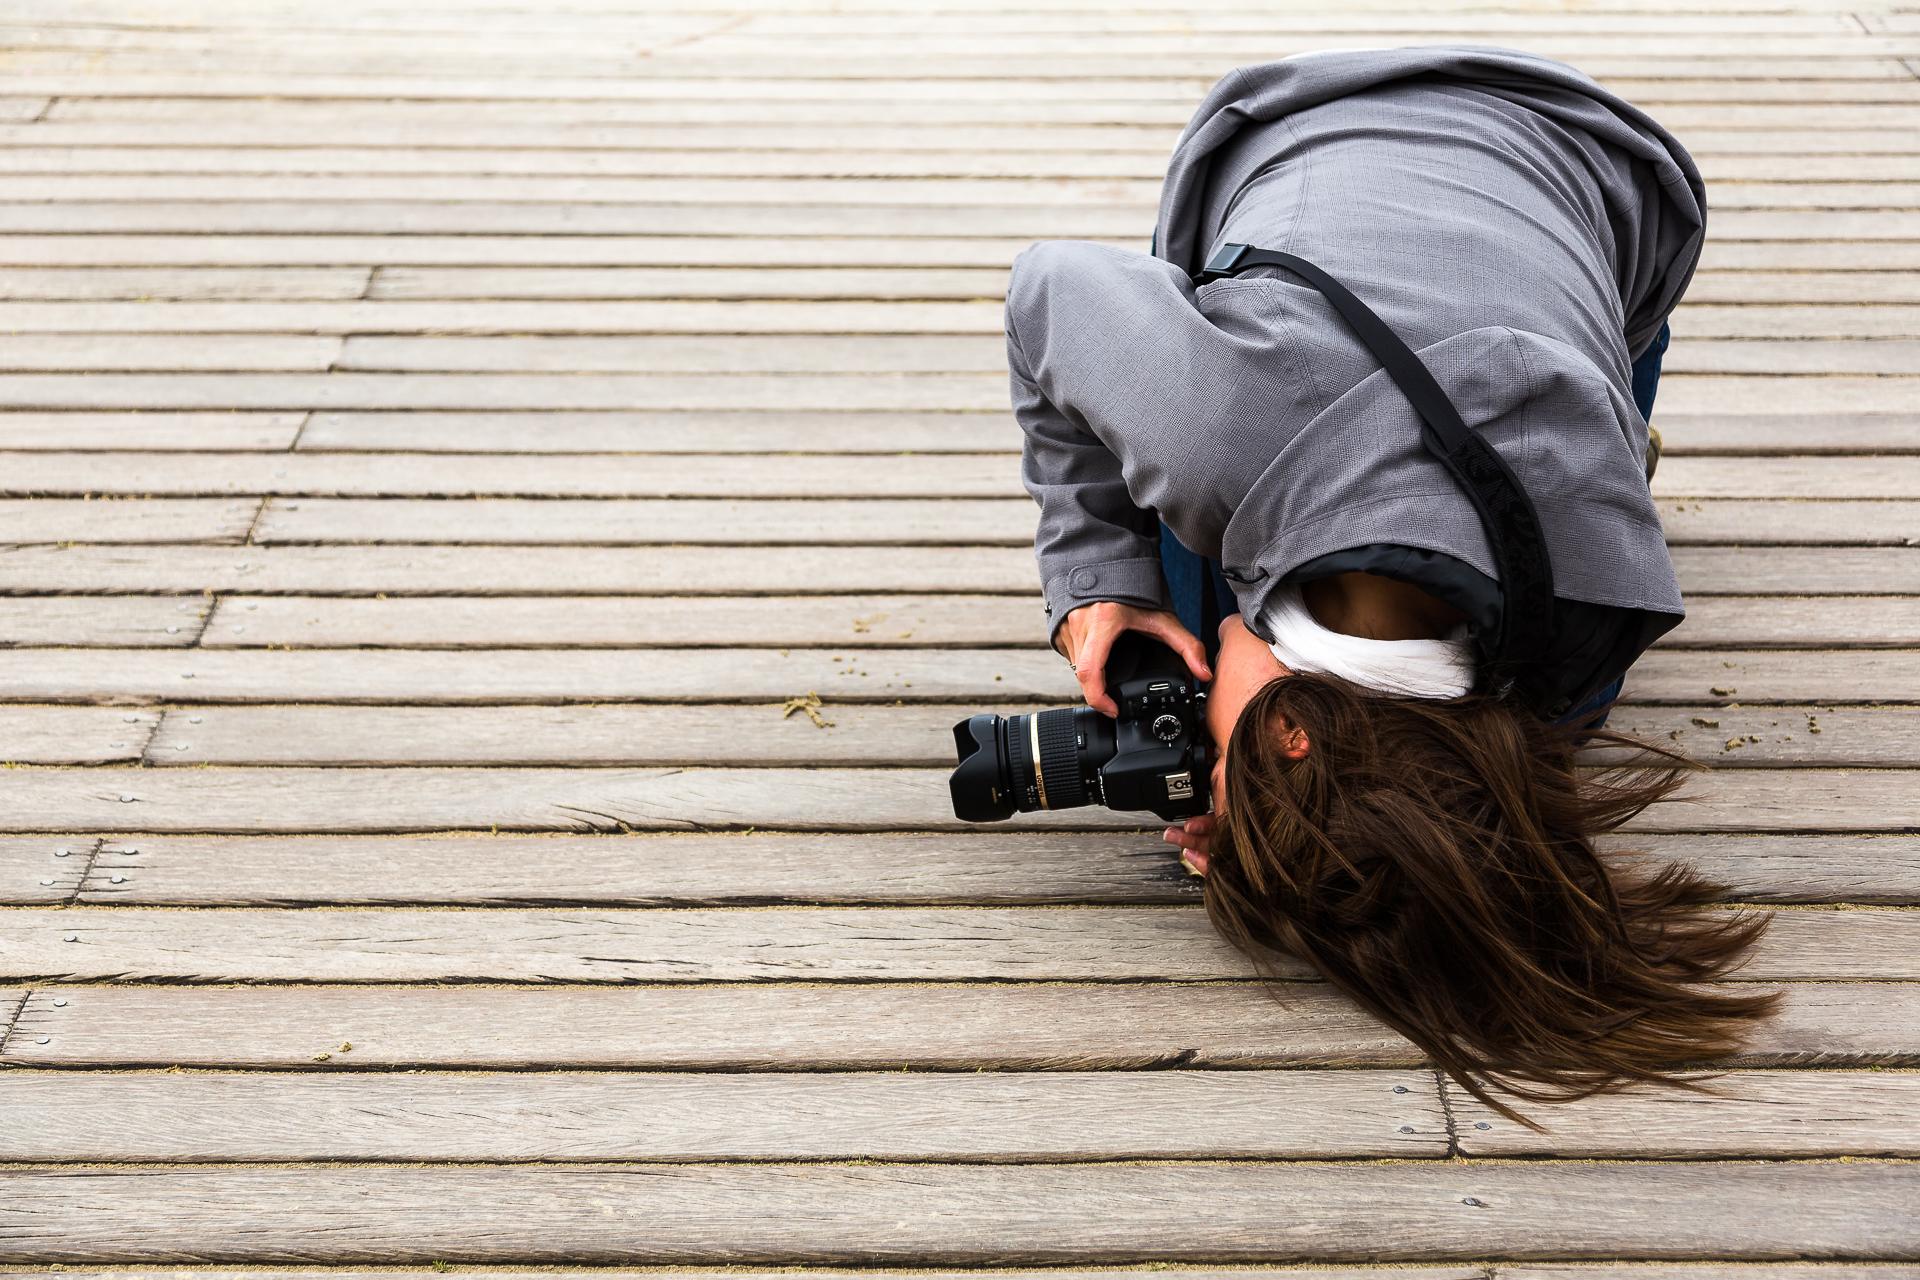 Laura on the Boardwalk in Deauville